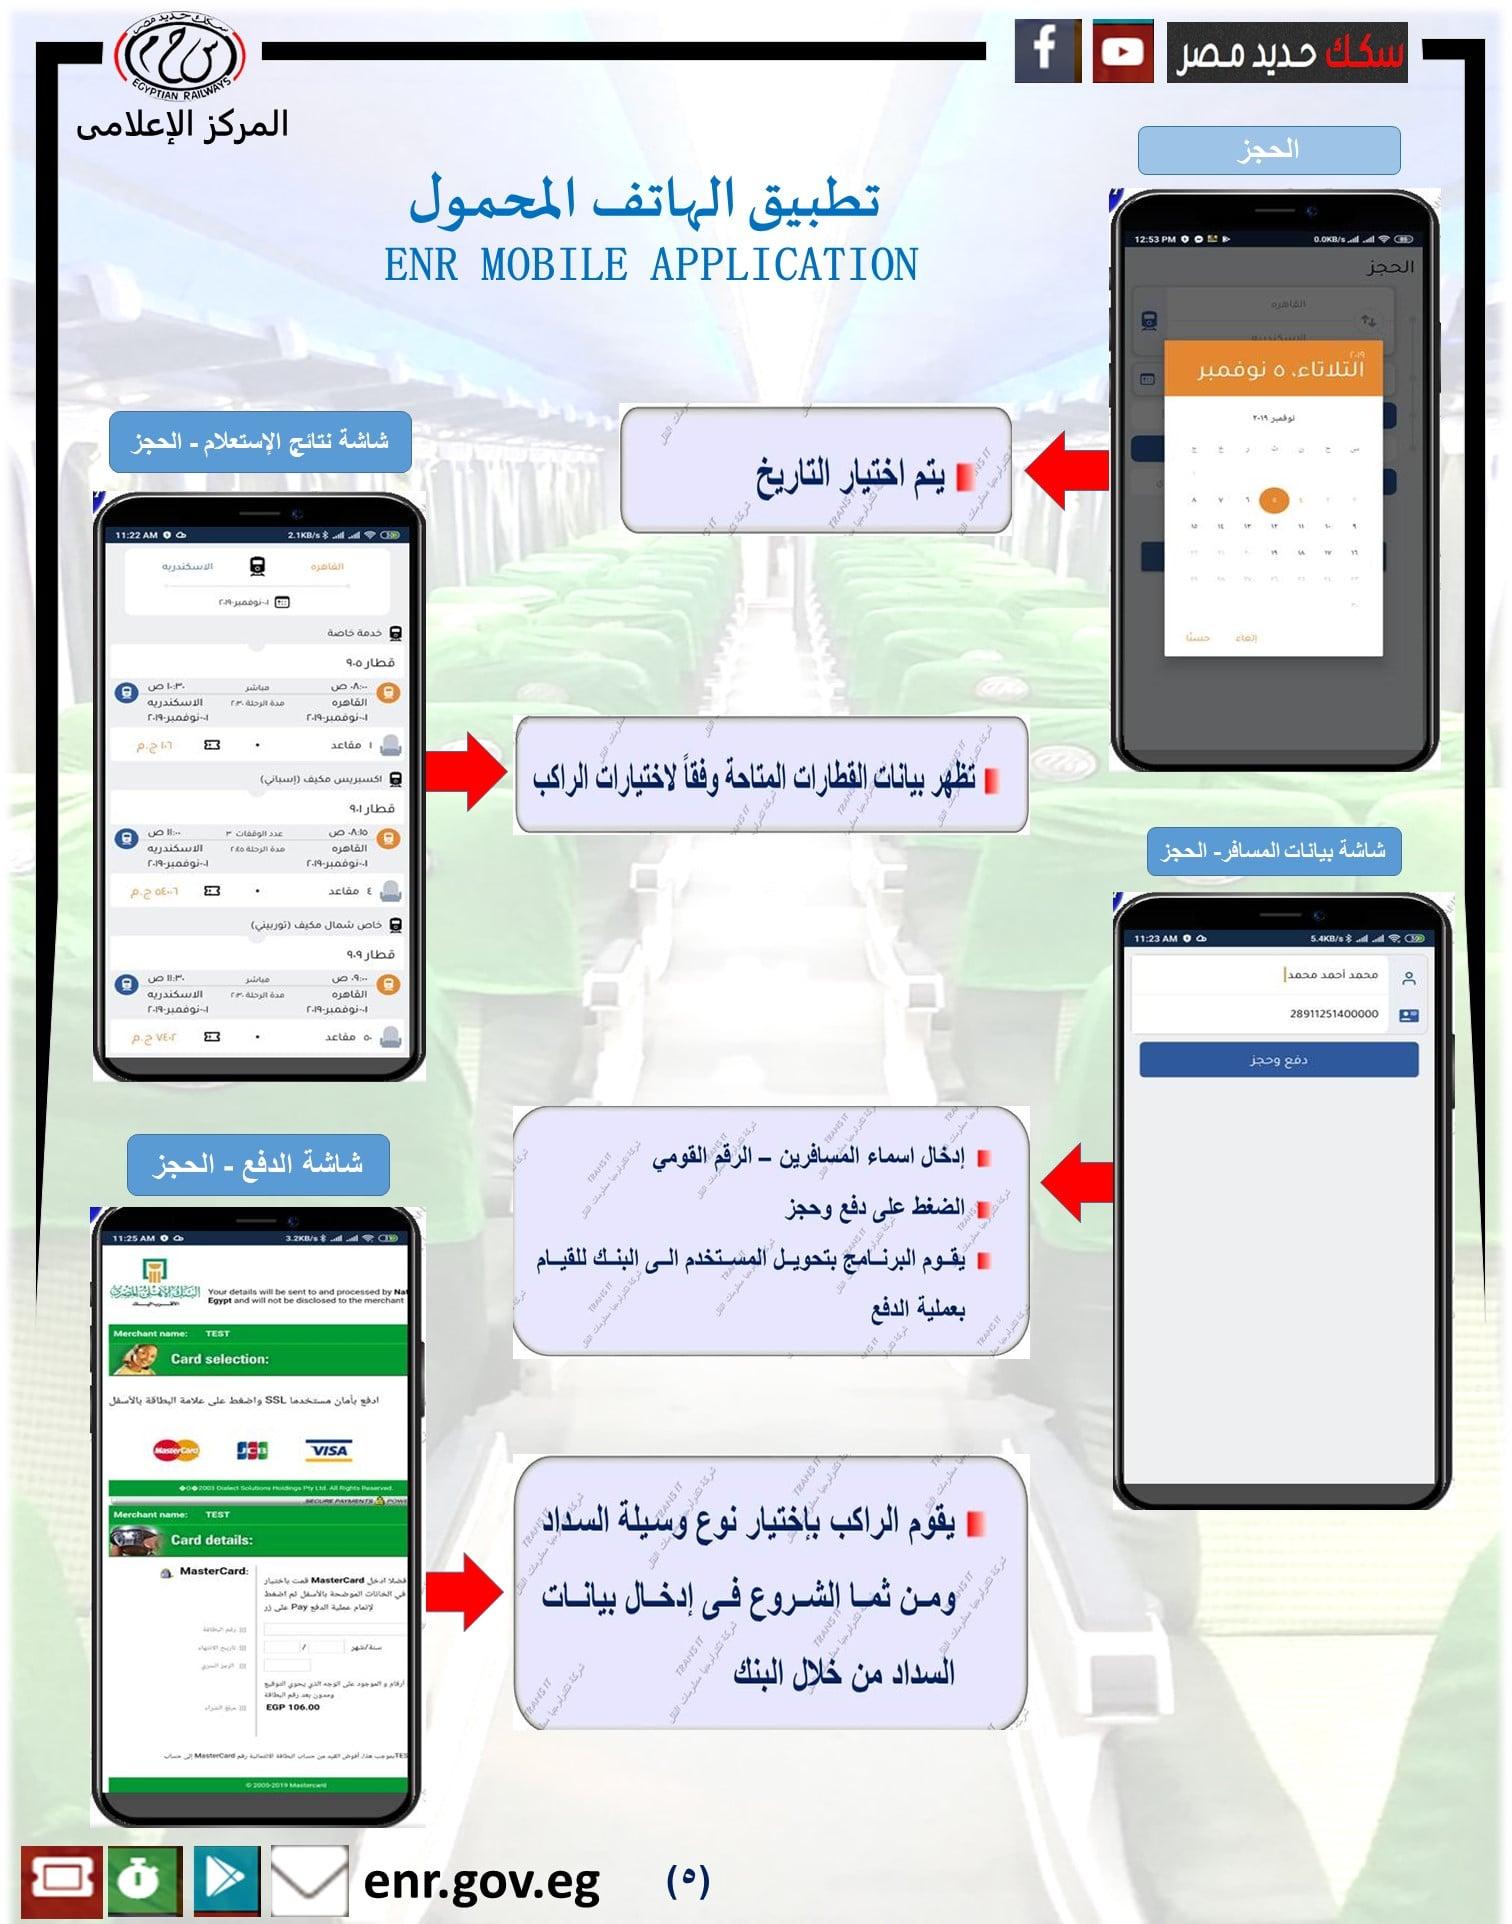 خطوات حجز وسداد تذكرة قطار في سكك حديد مصر